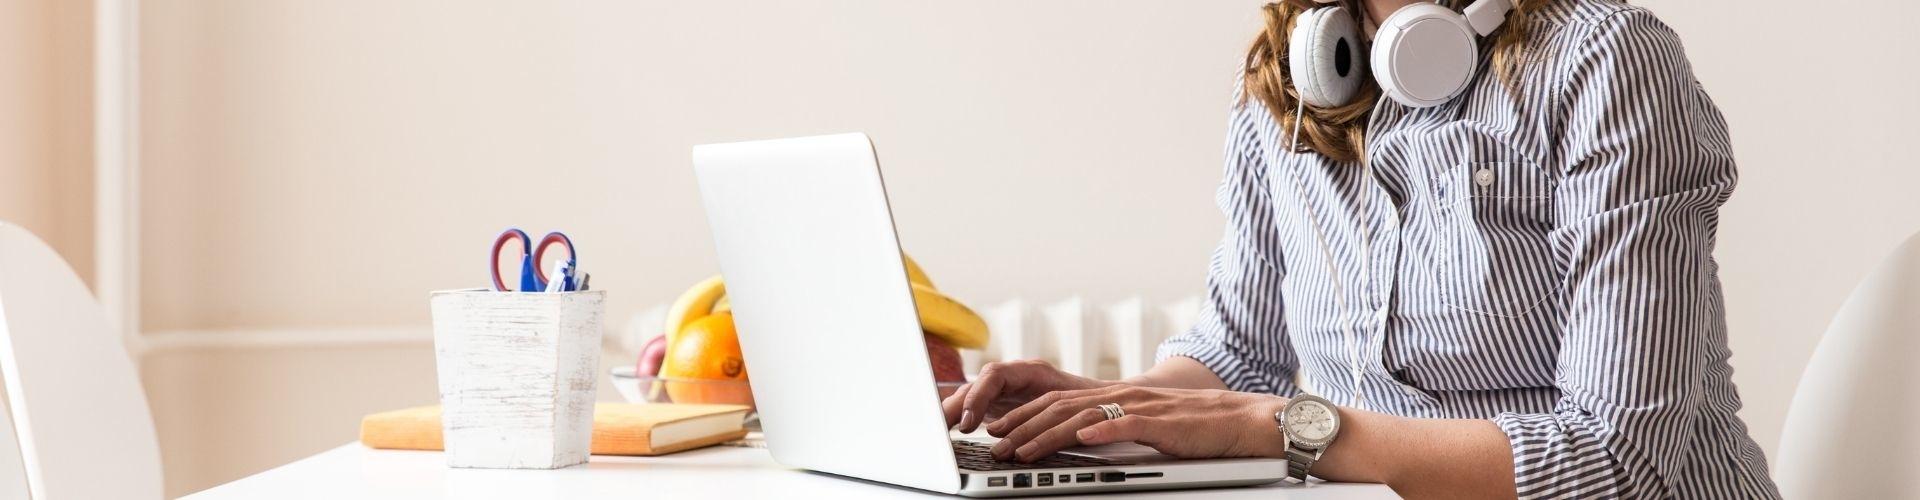 Leren Bloggen Voorpagina afbeelding